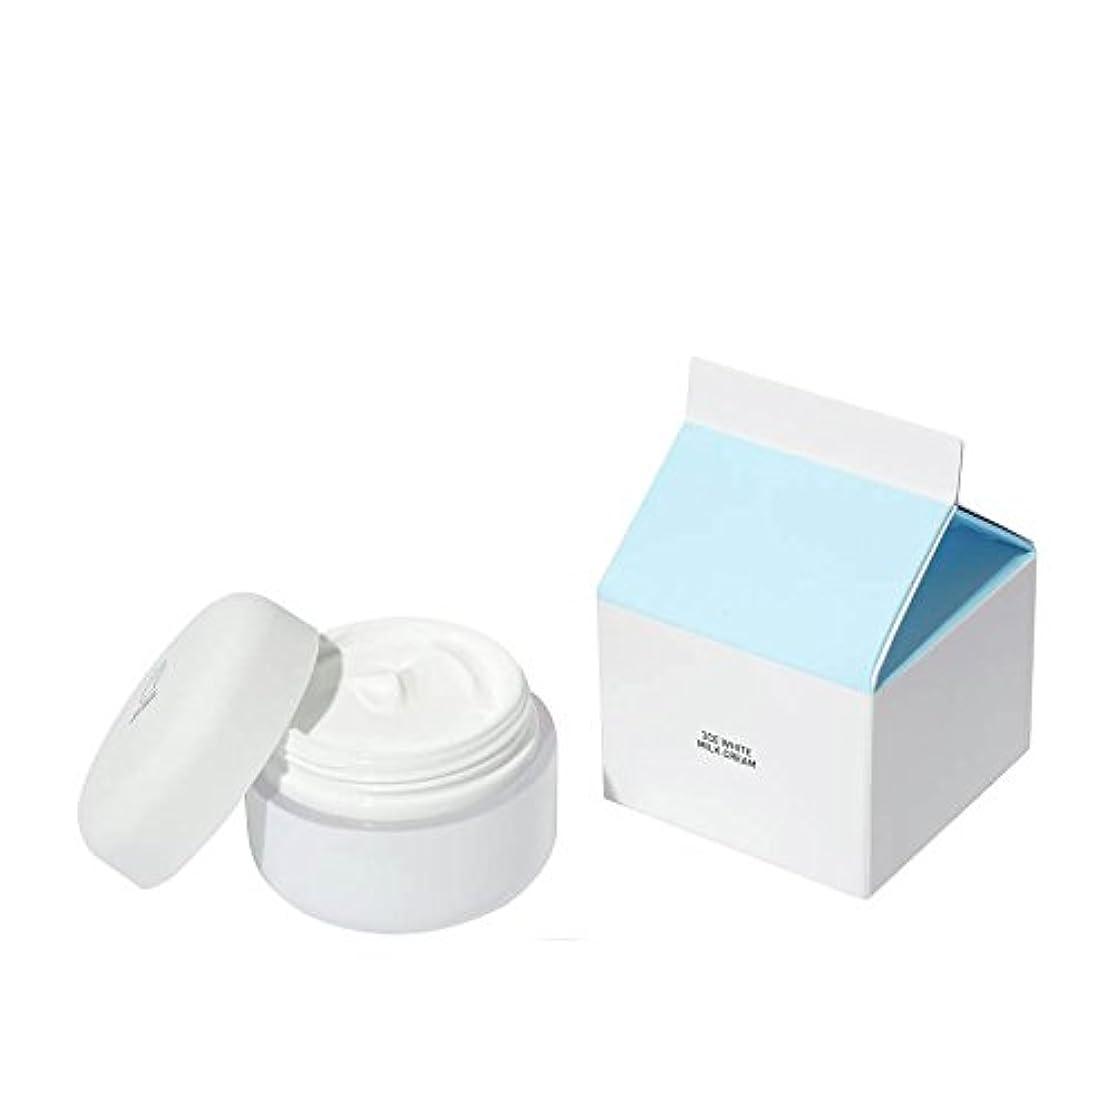 フレッシュ苦しみ図書館[3CE] ホワイトミルククリーム(White Milk Cream) 50g